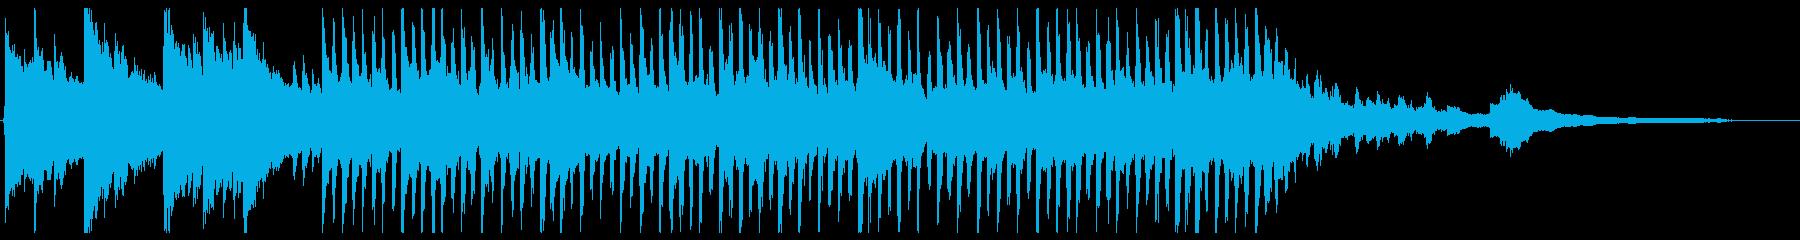 ゆったり目の明るいコーポレート_50秒の再生済みの波形